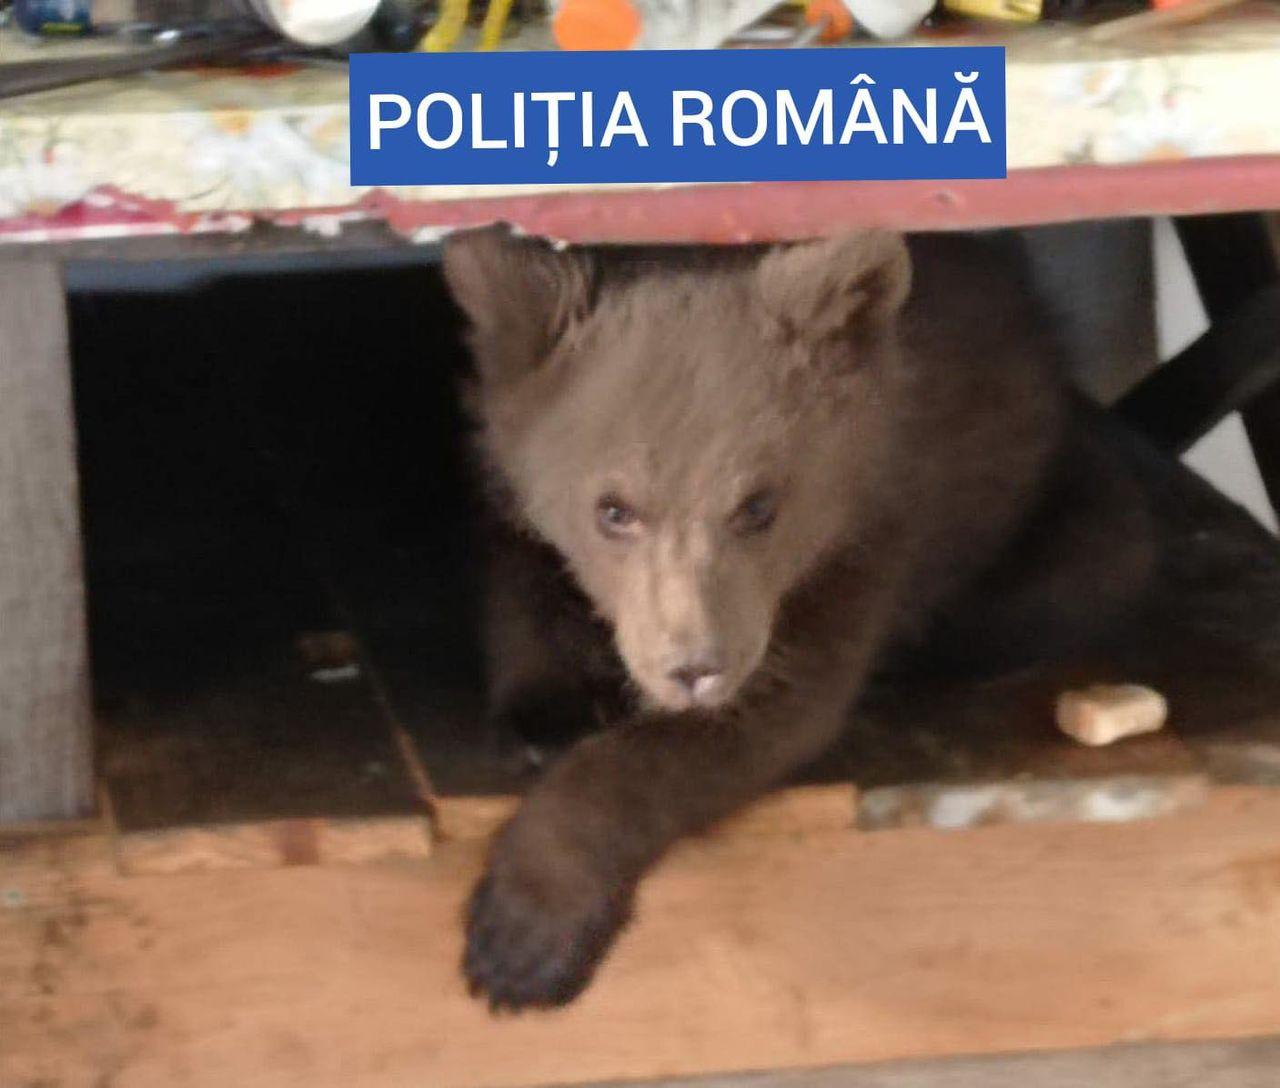 Un pui de urs, ținut captiv de un bărbat: Avea și 40 de kg de carne de urs